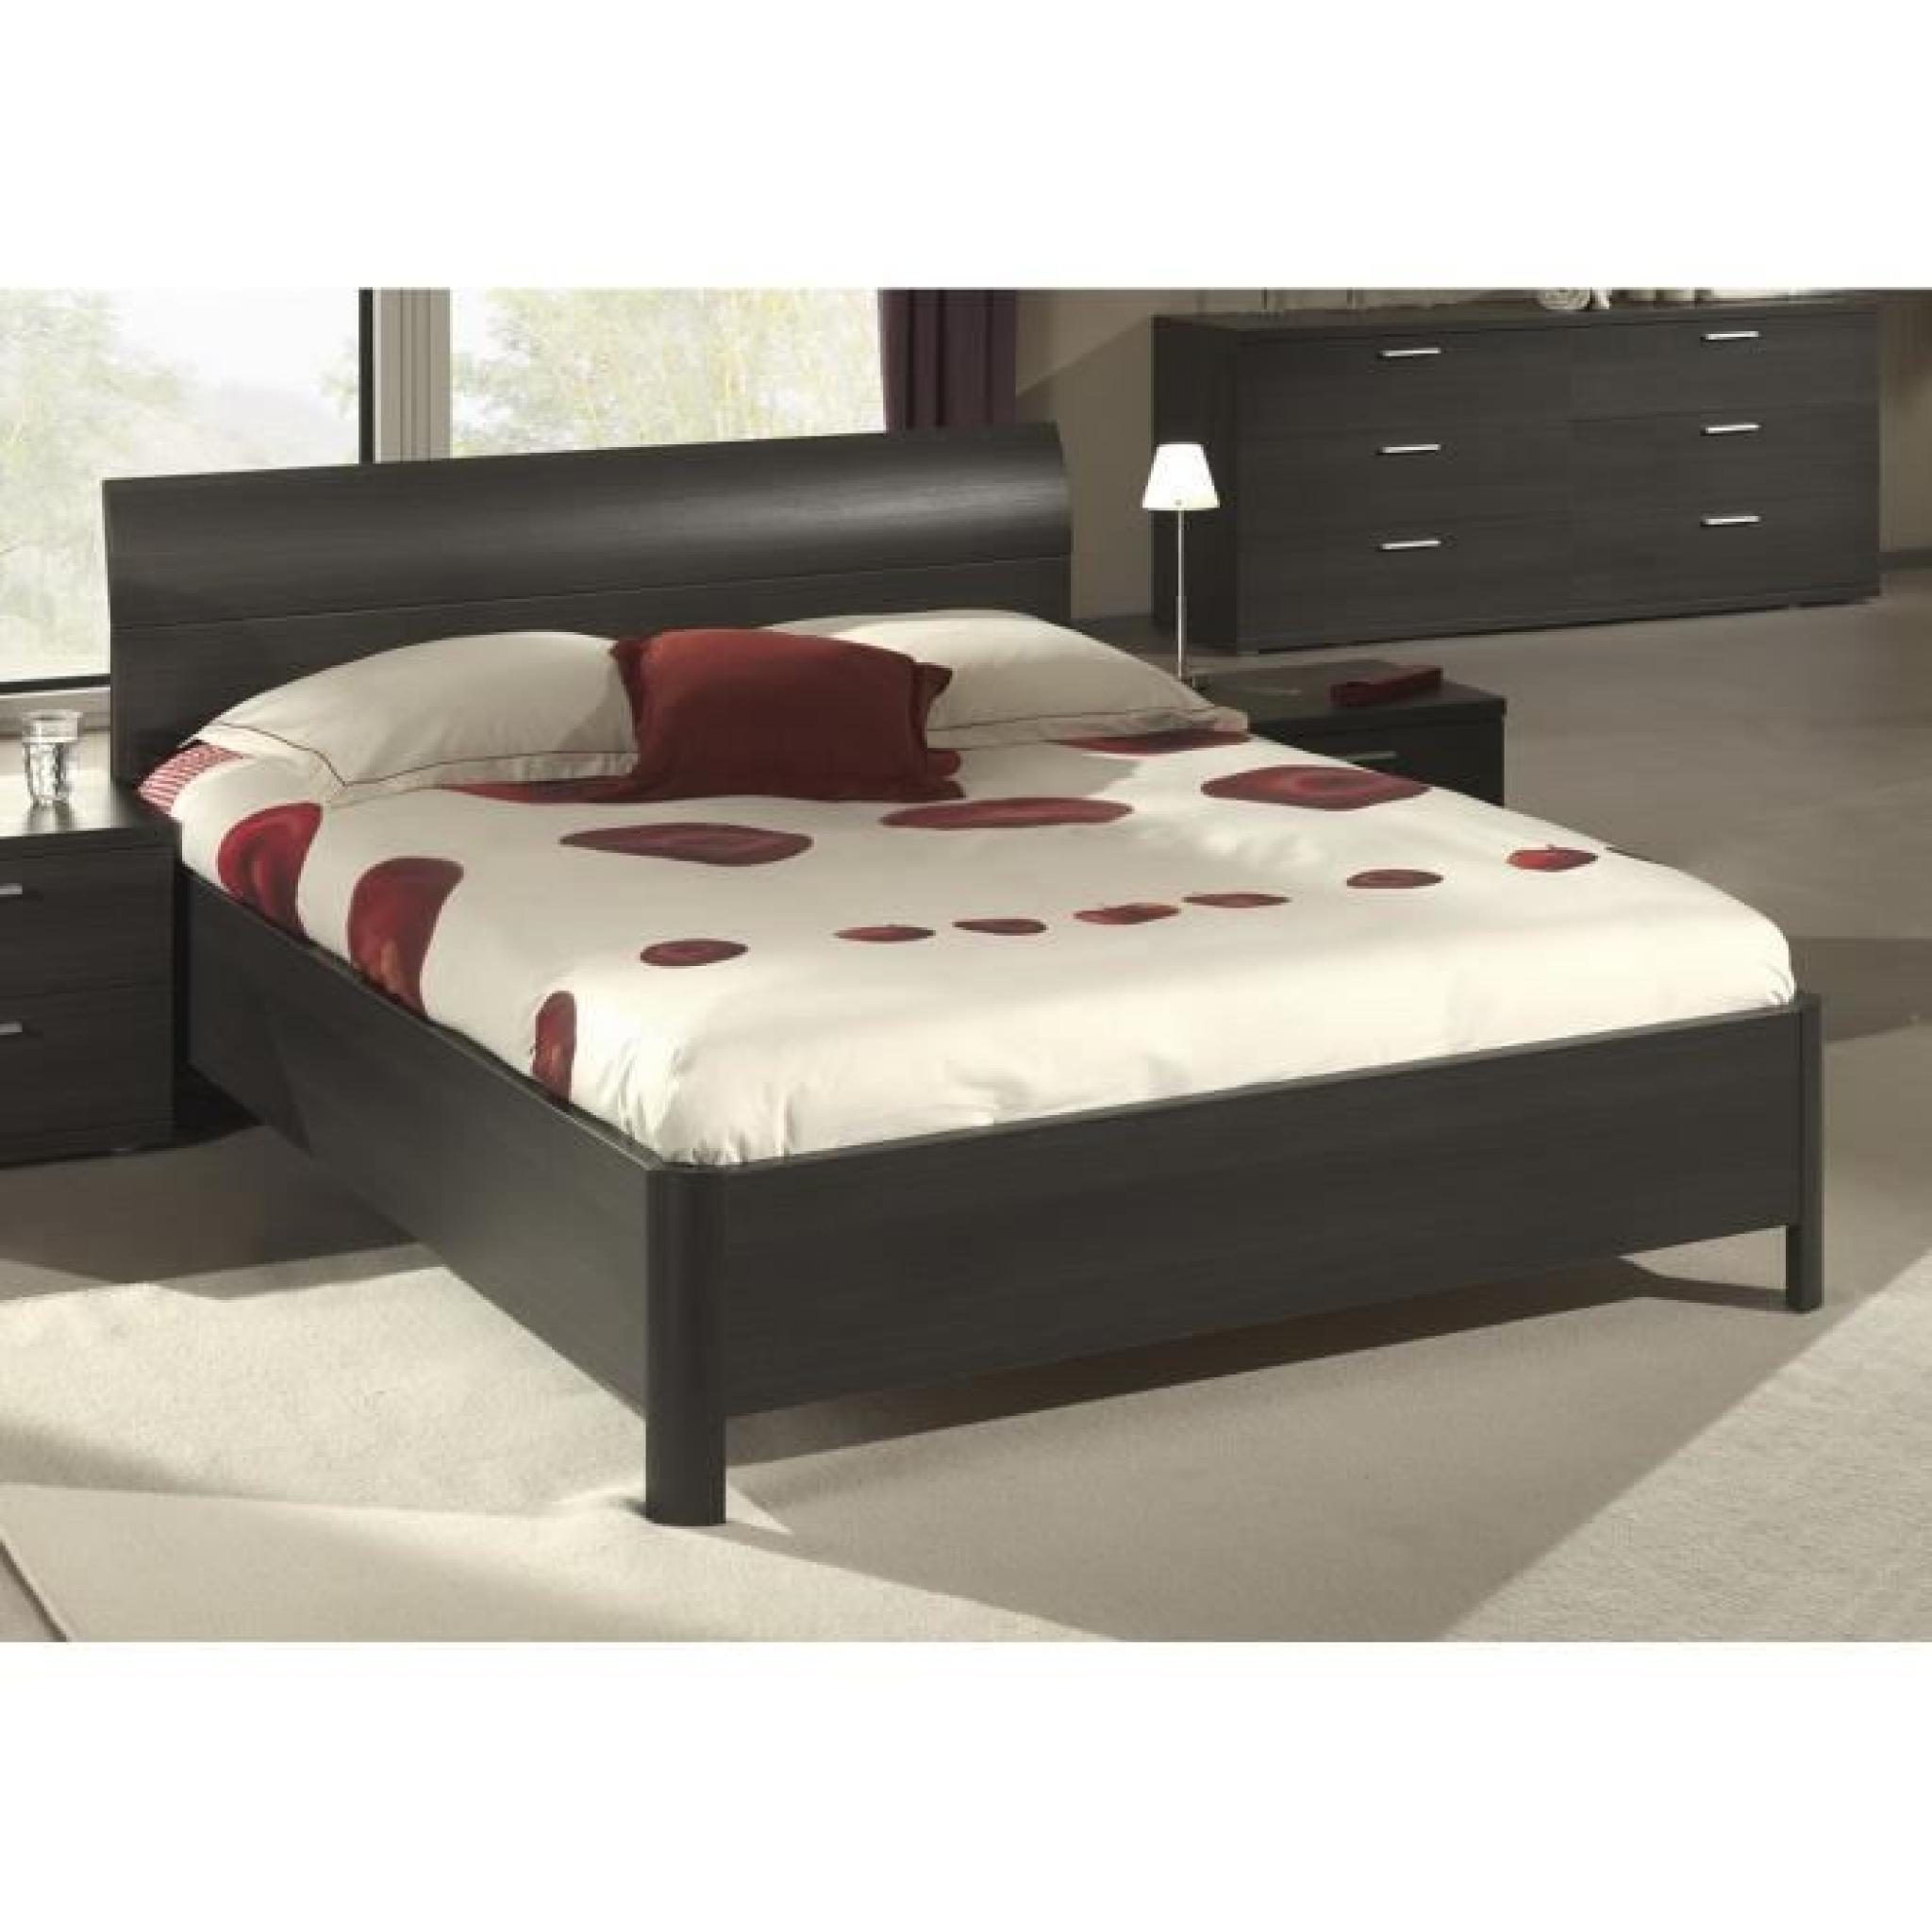 lit 140 x 200 cm avec tête de lit design  achatvente lit